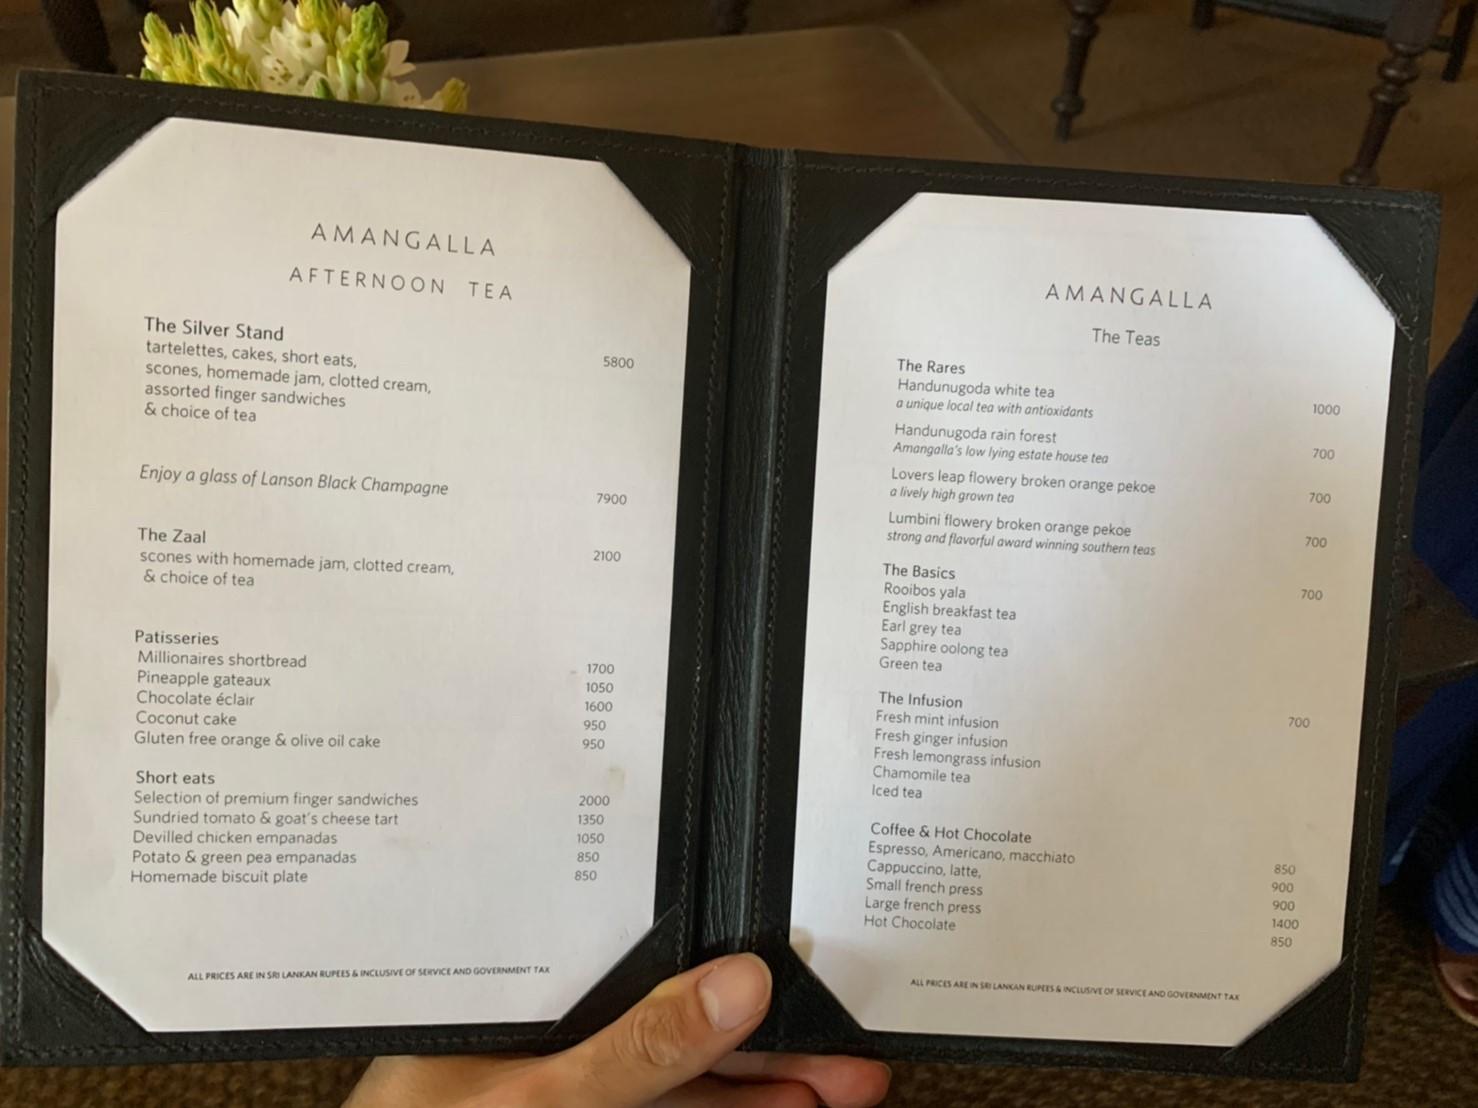 アマンガホテルのハイティーの価格